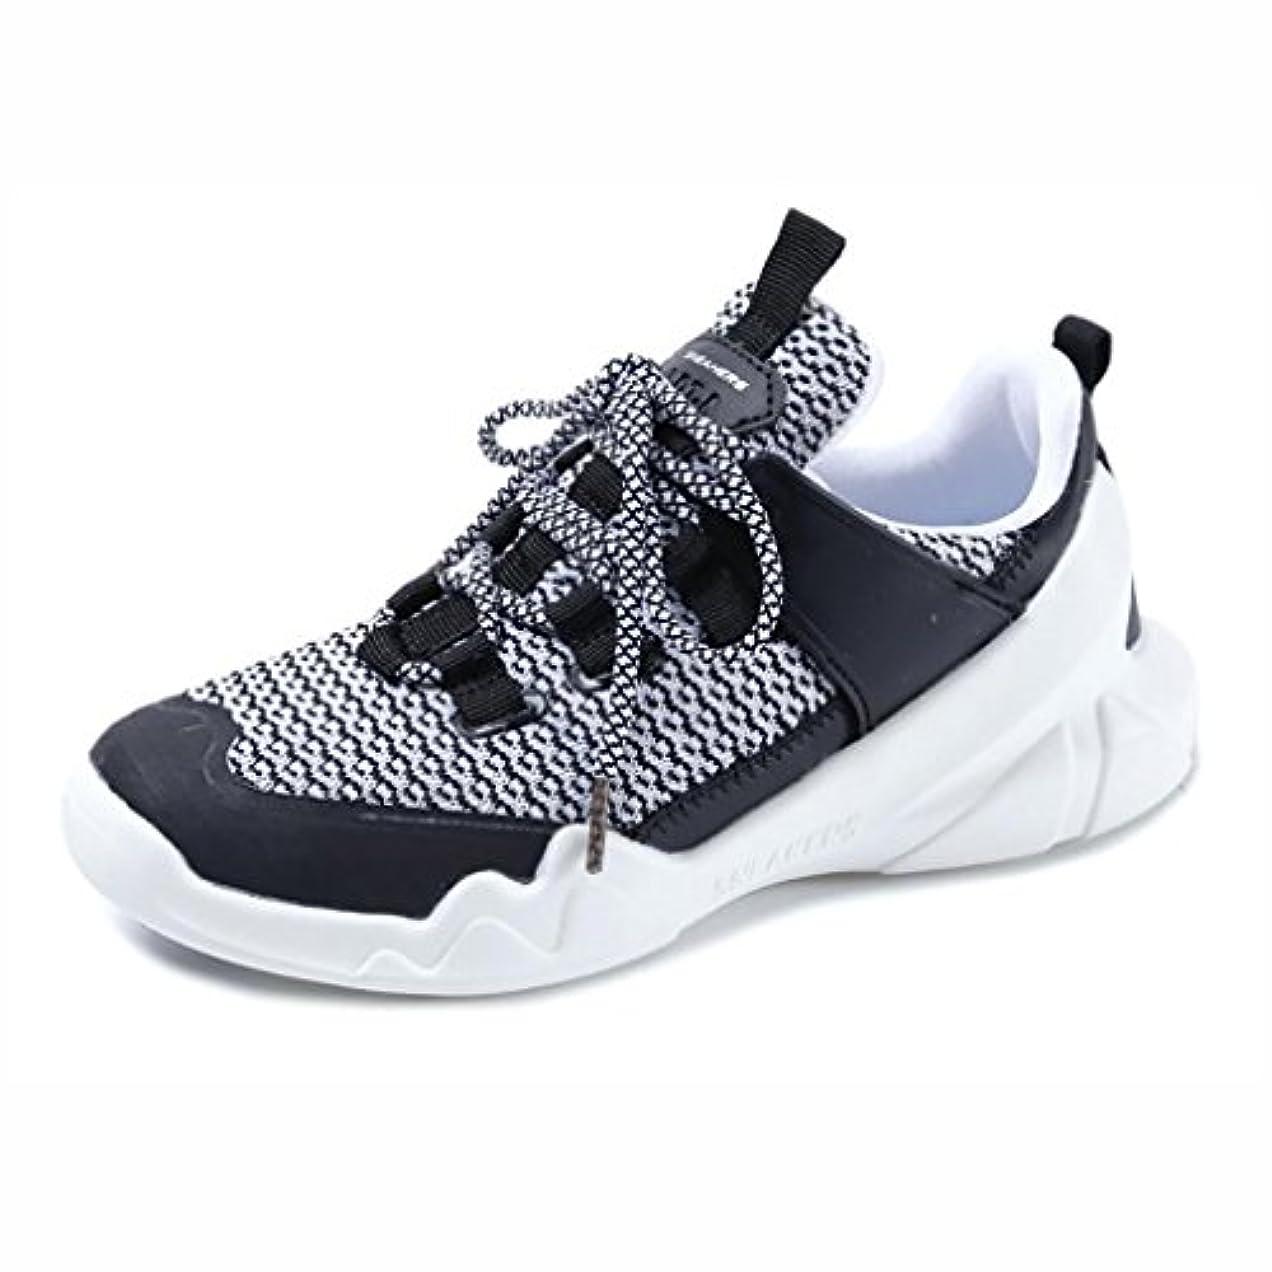 弁護士除外する偏見レディーススポーツランニングシューズ、2018夏の新通気性靴、ショックアブソープションの韓国語バージョン、アウトドアカジュアルシューズ (色 : A, サイズ : 37)